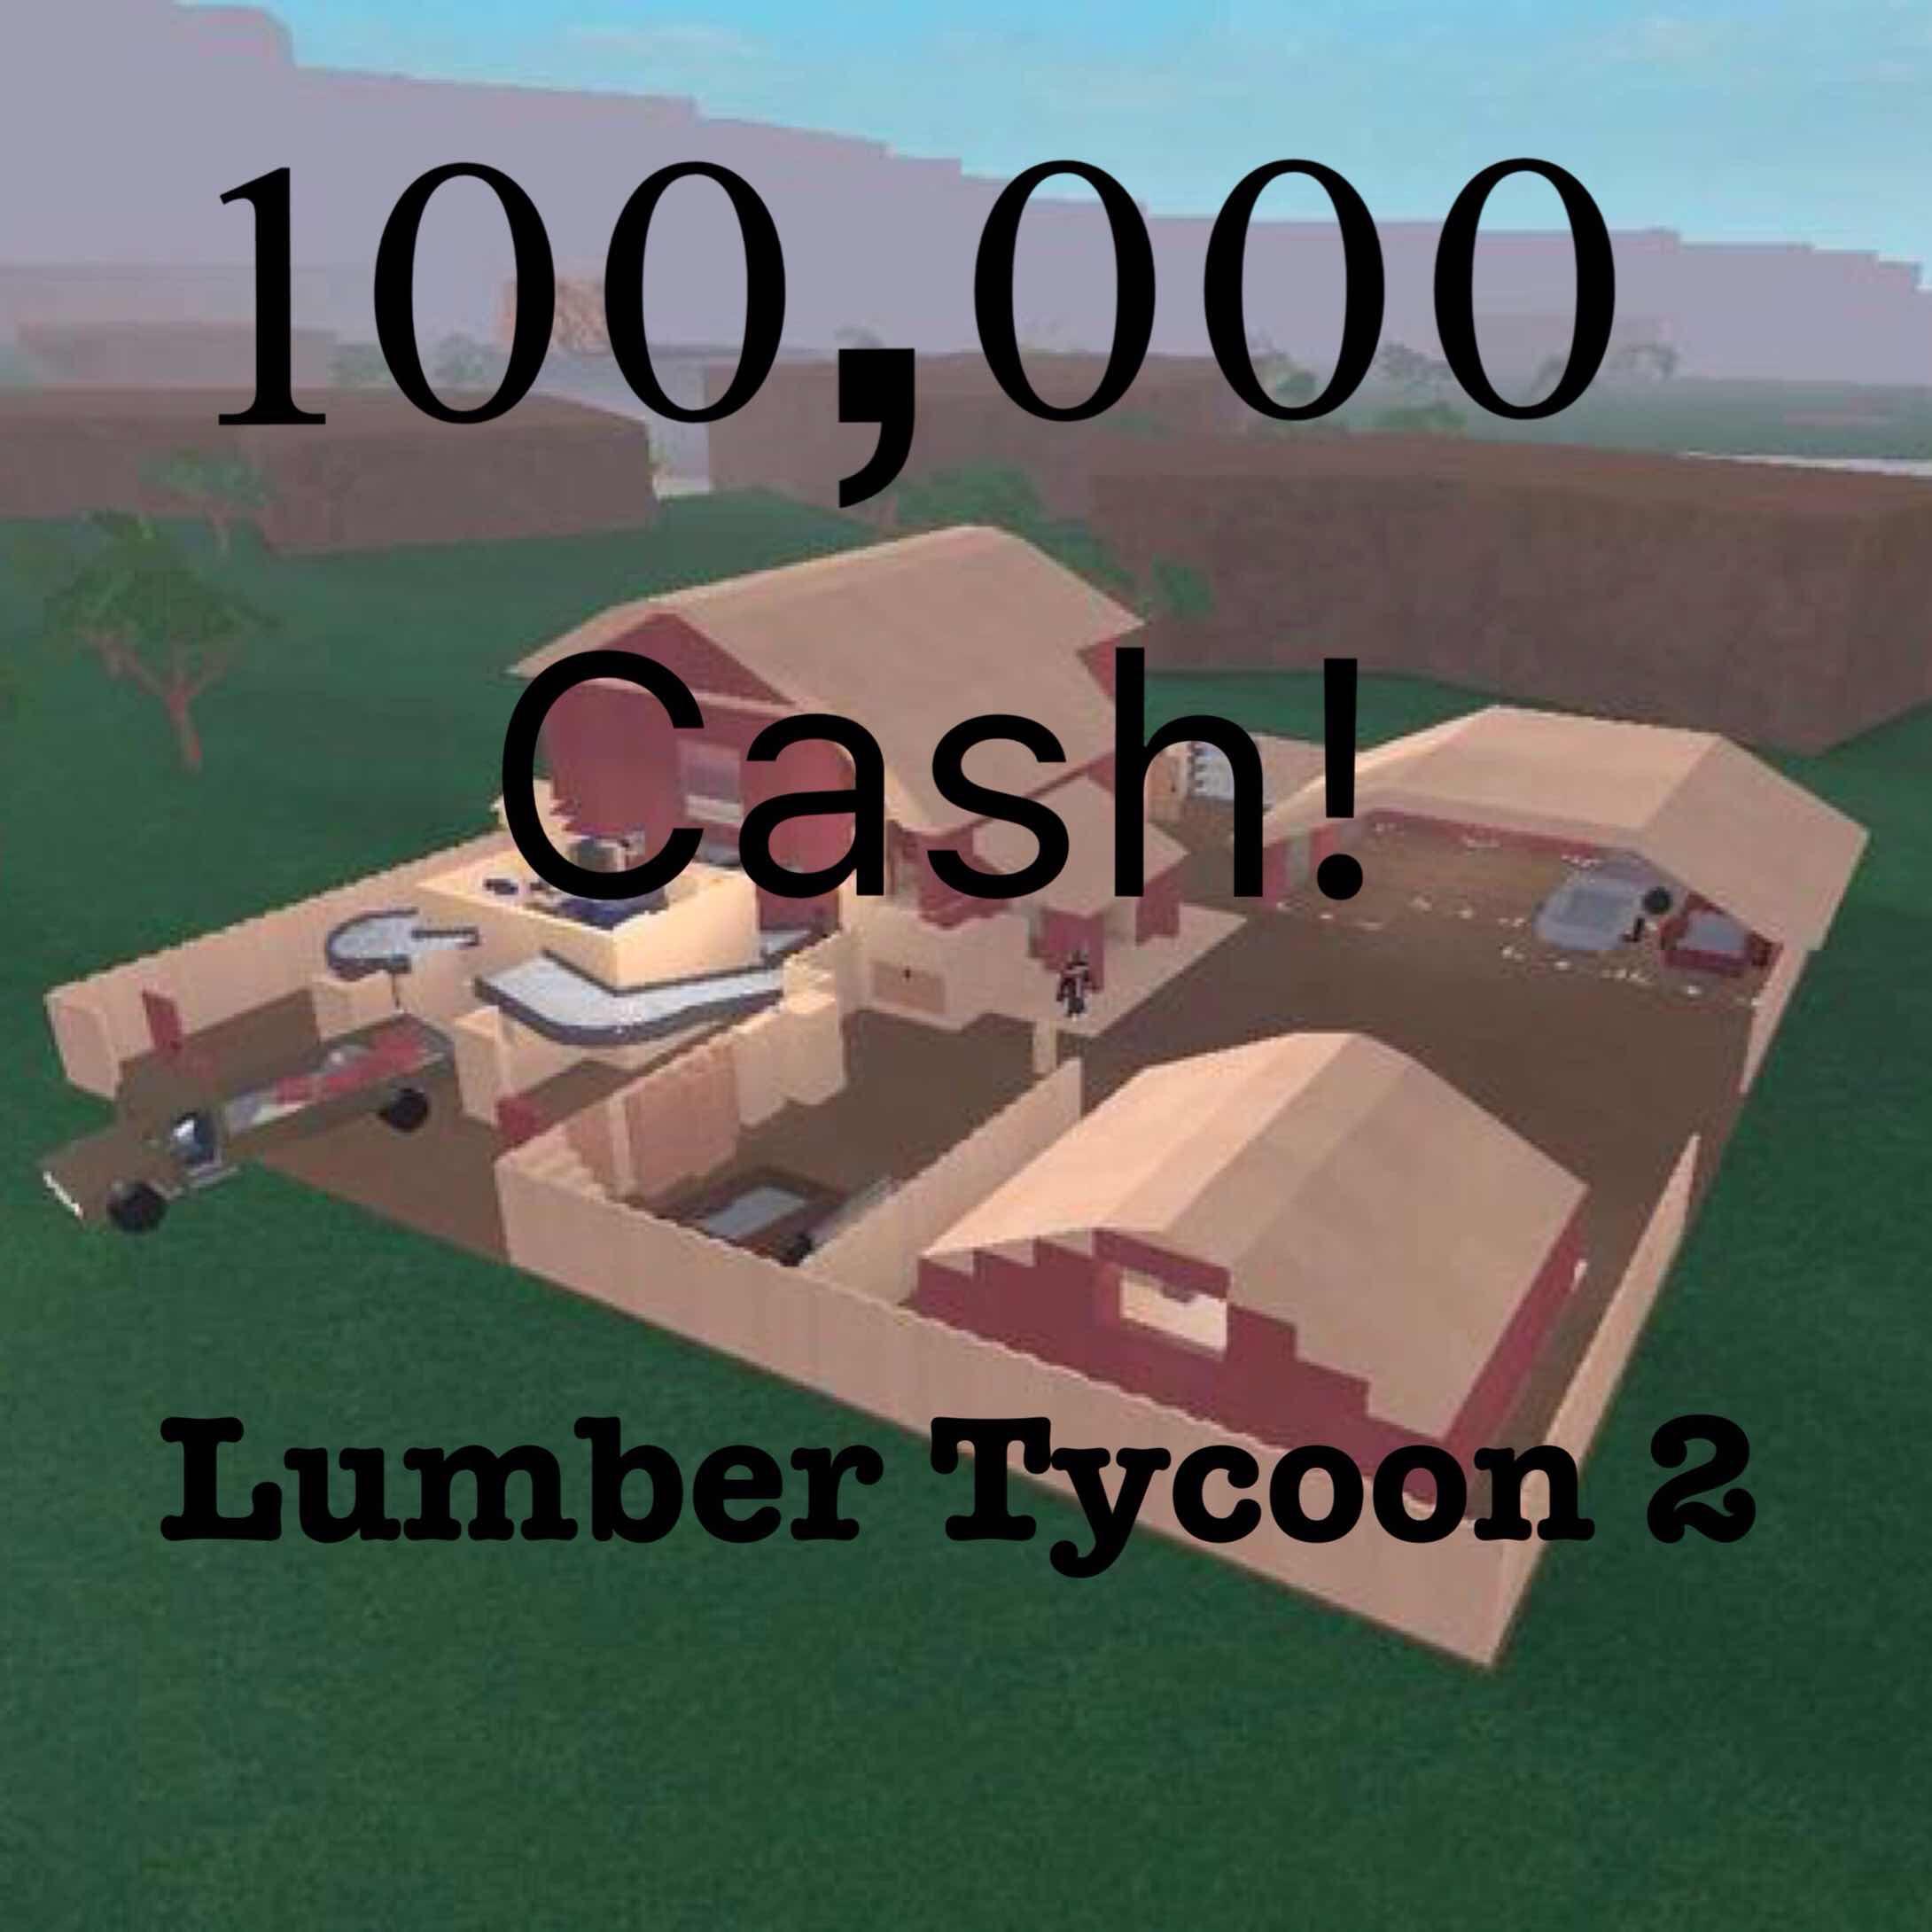 100k Cash Lumber Tycoon 2!